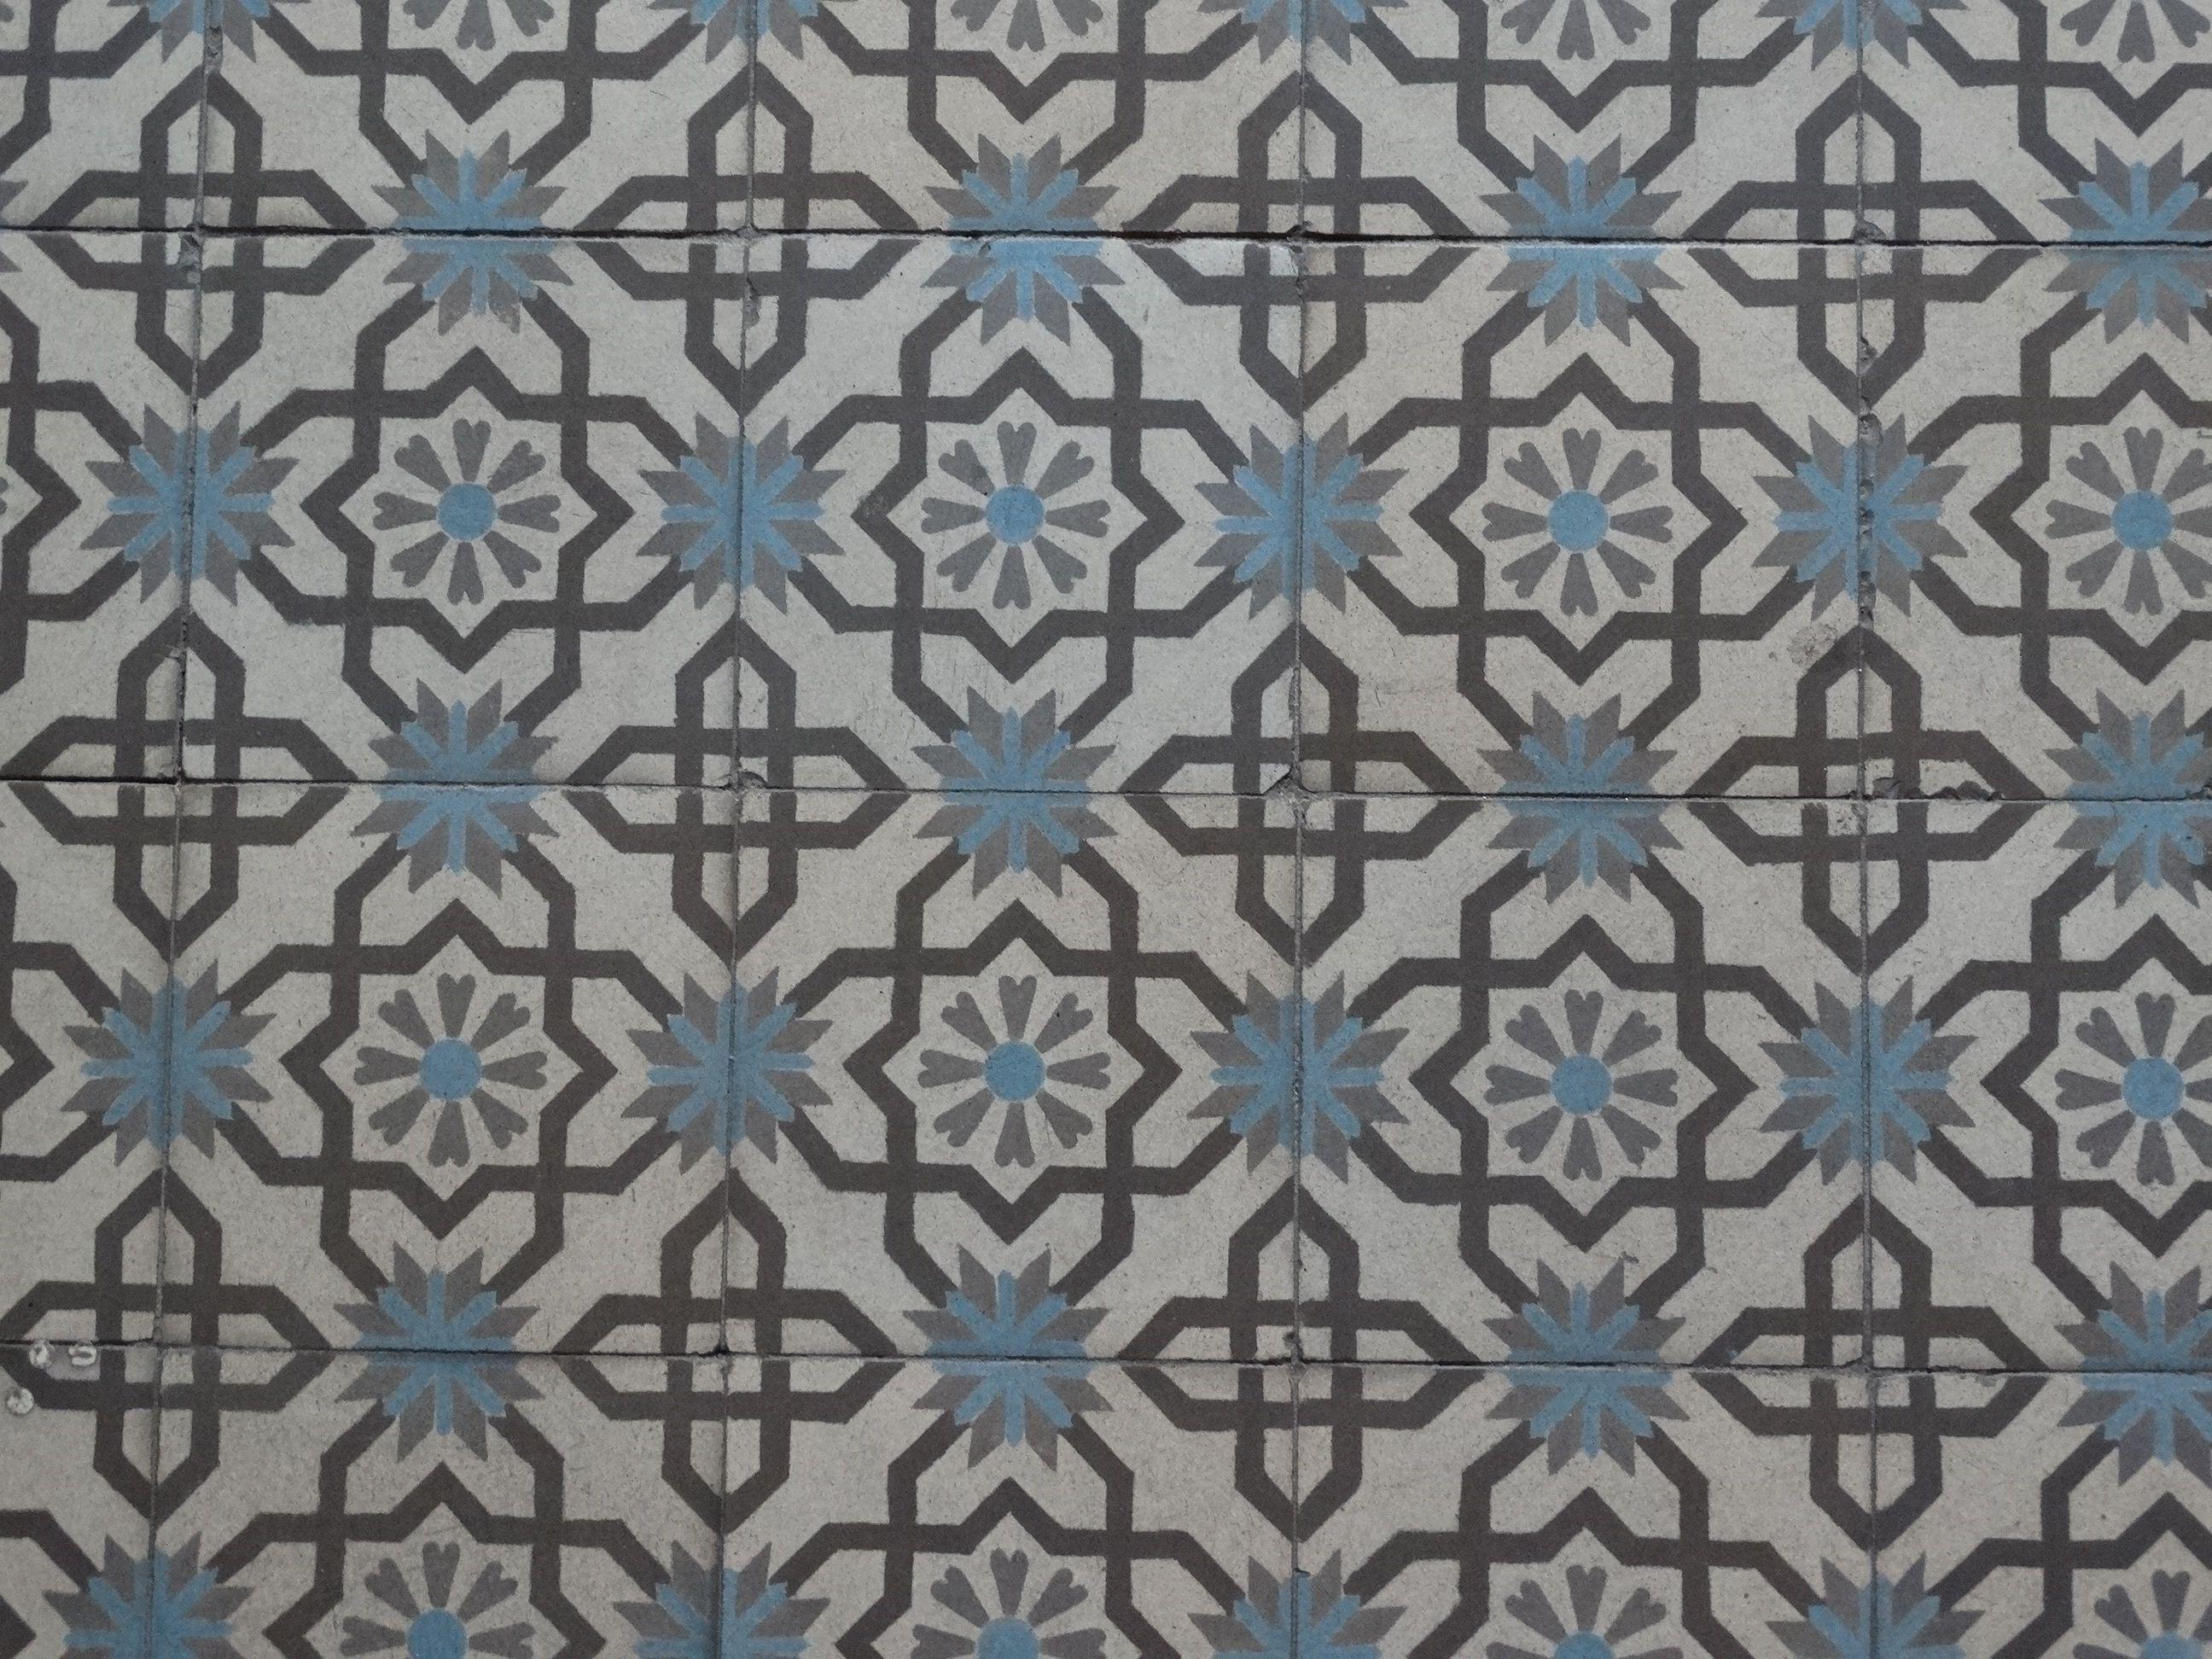 Decor Tile St John Indiana Extraordinary Httpsipinimgoriginals90C8F290C8F2D800 Inspiration Design